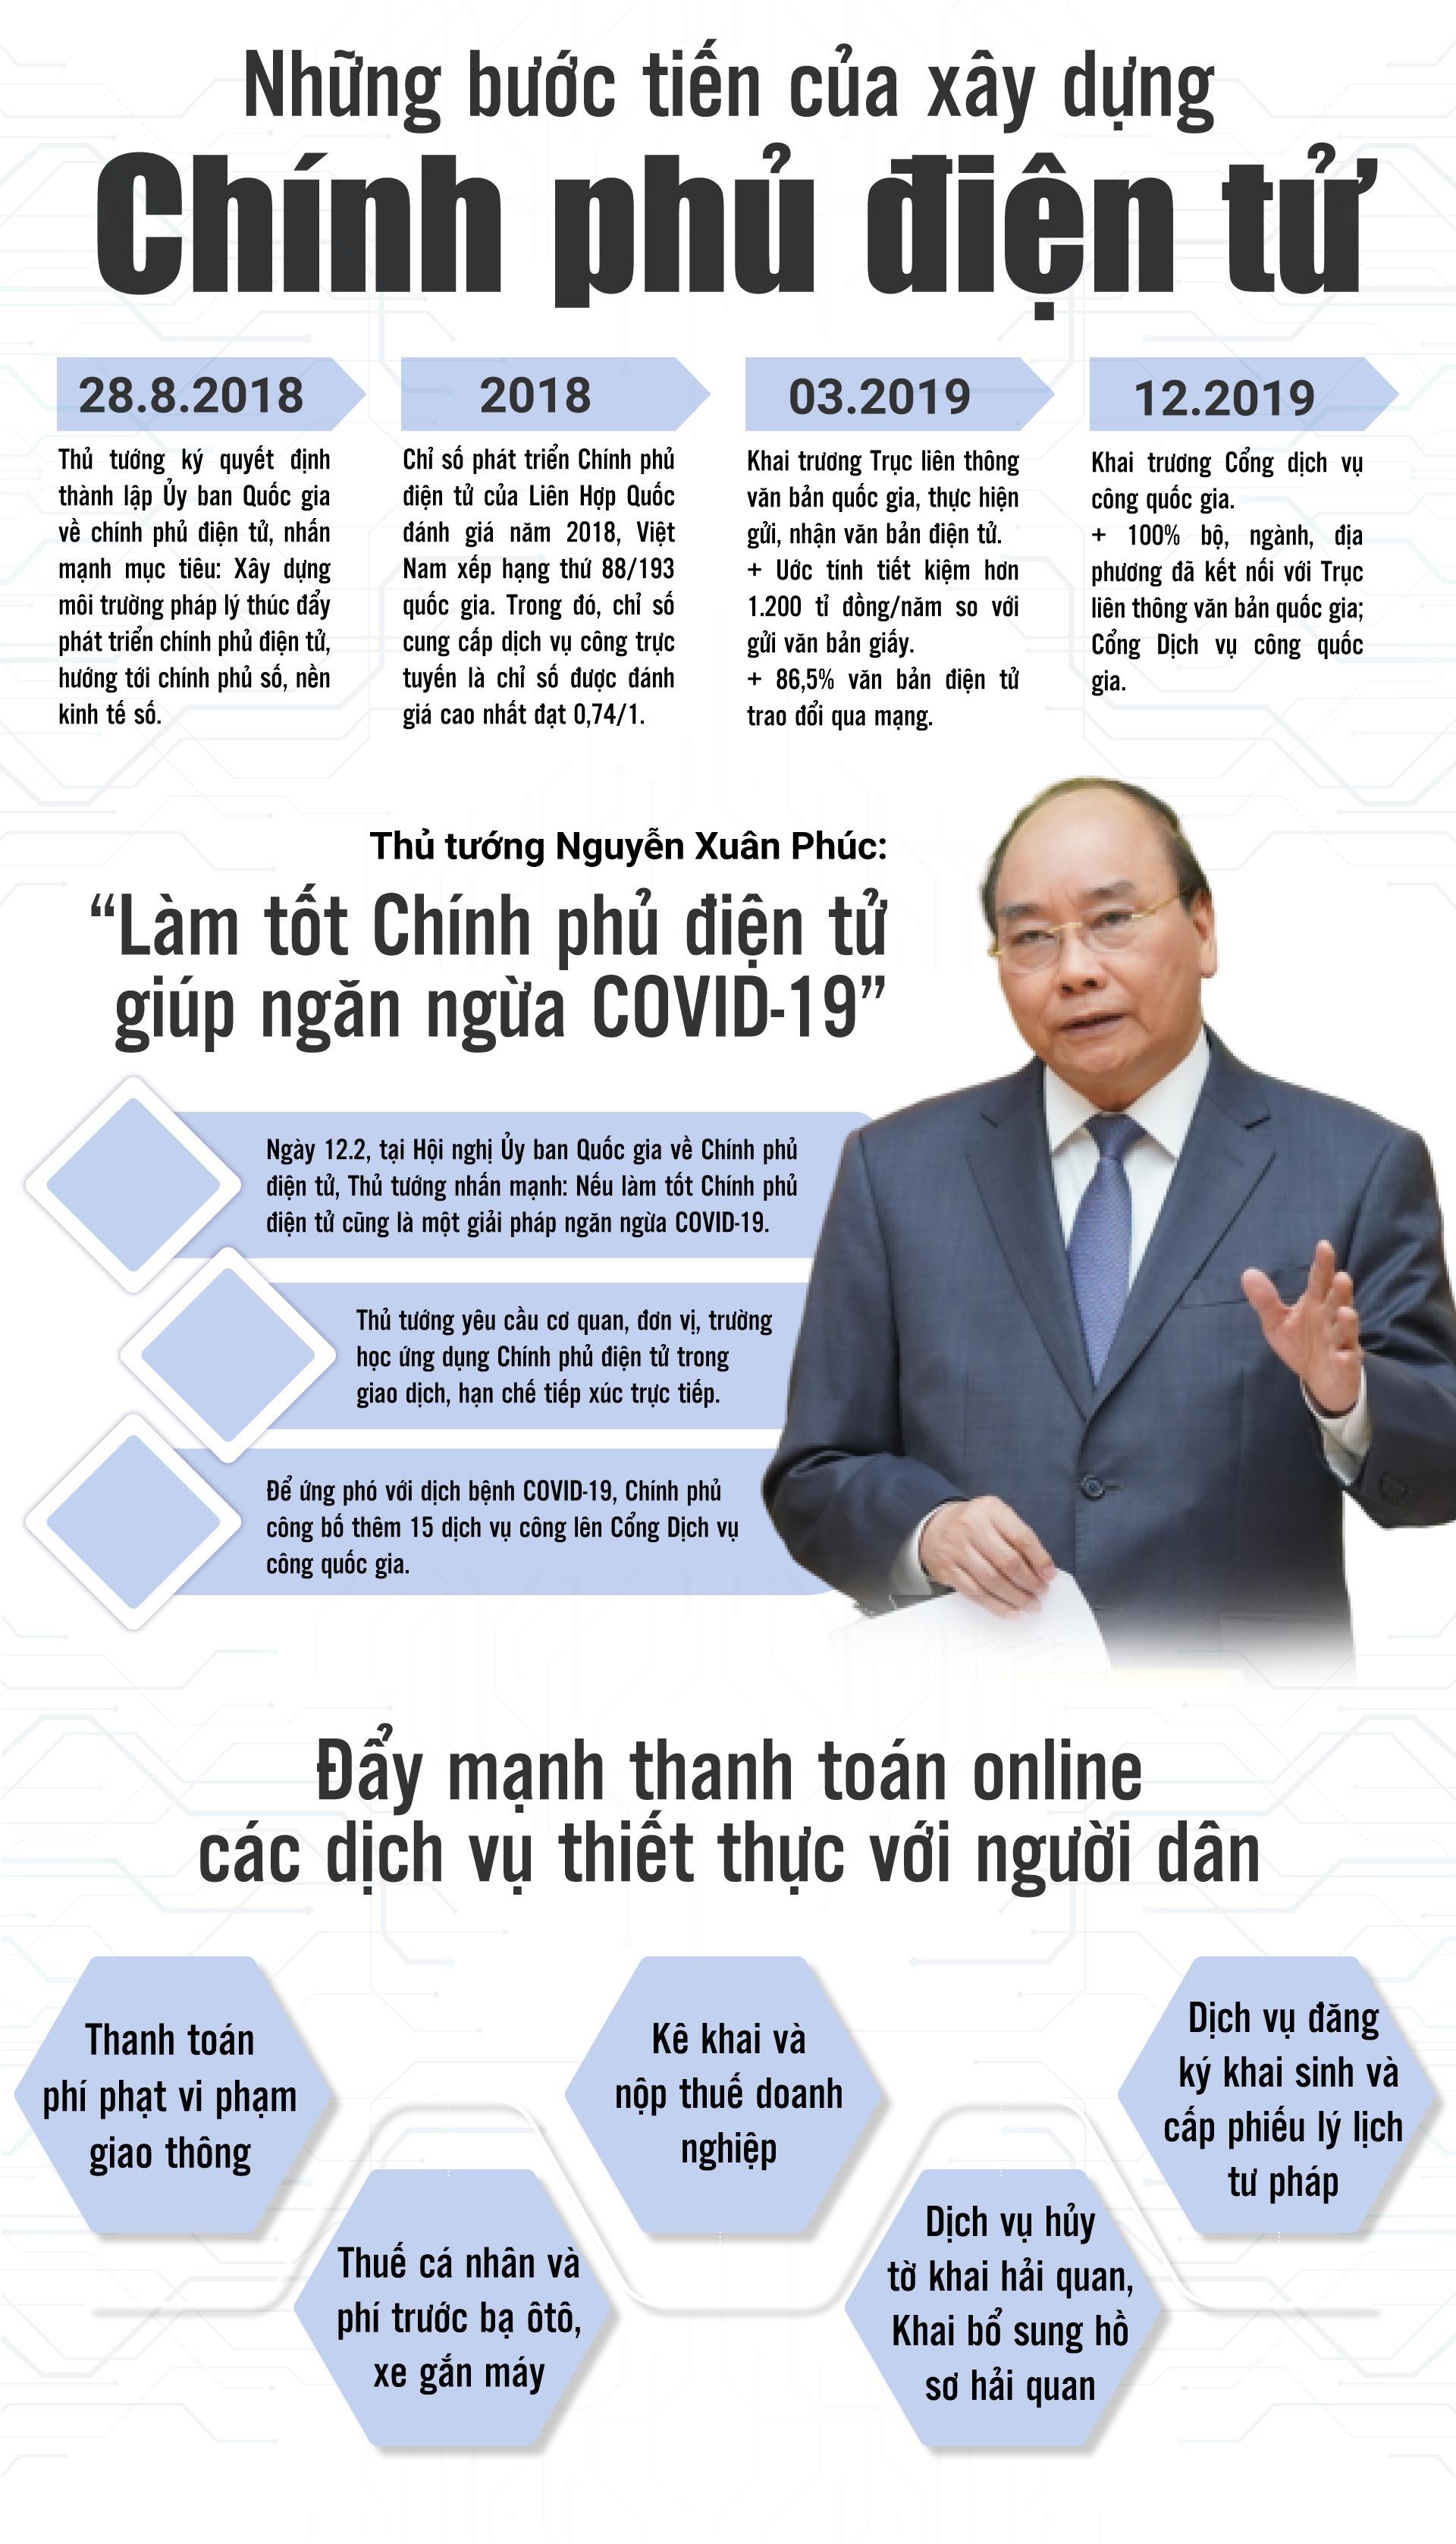 Những bước tiến của xây dựng Chính phủ điện tử. Infographic: Văn Thắng